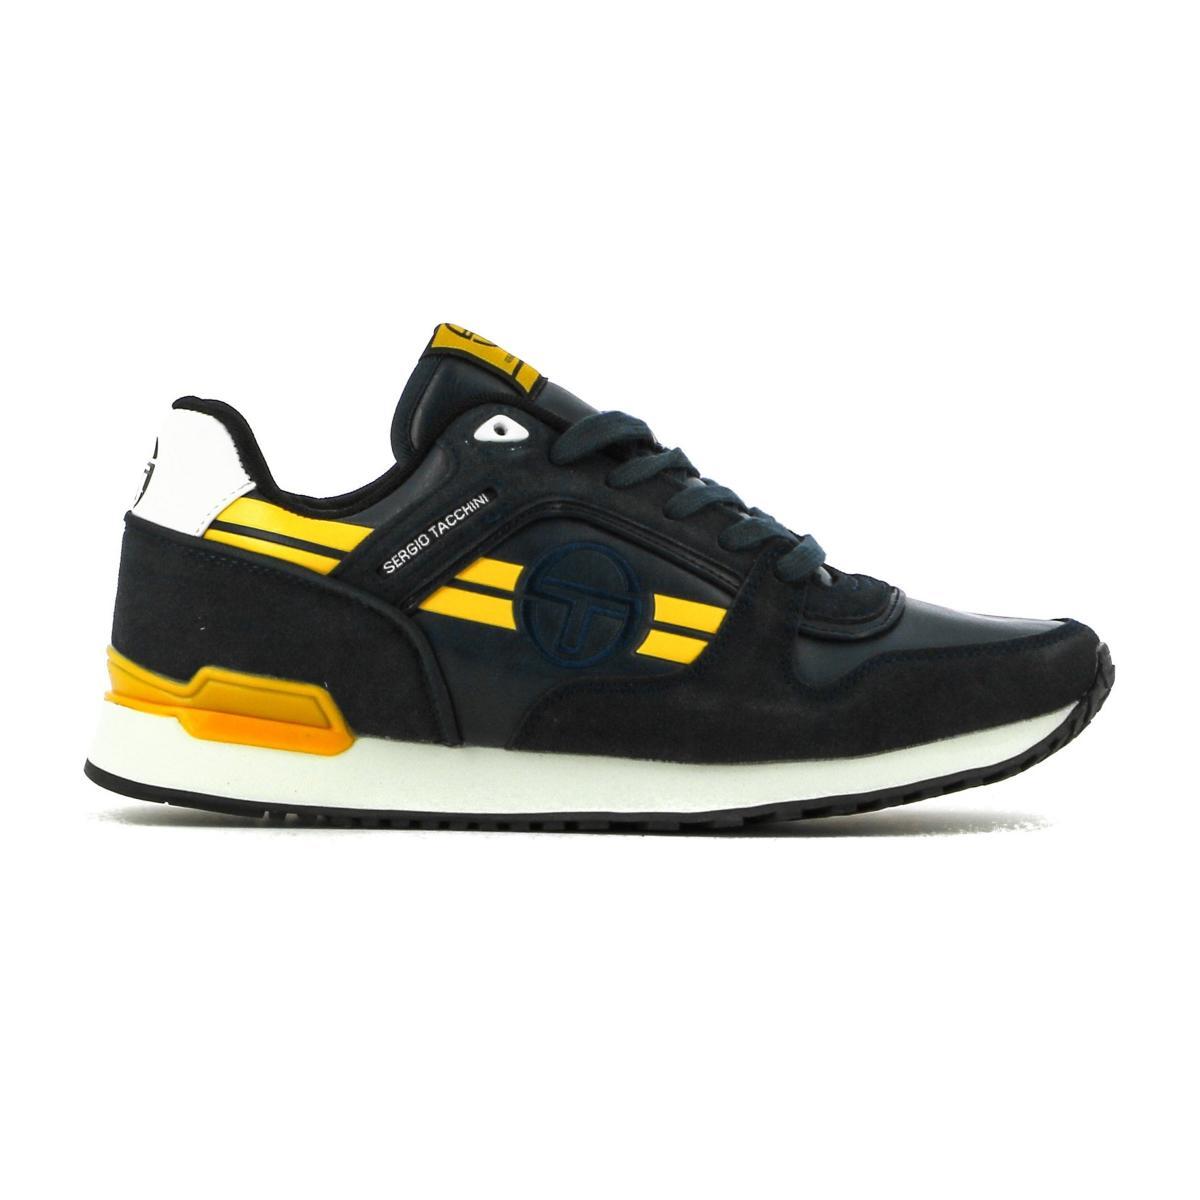 Scarpe Sneakers Sergio Tacchini SONIC AUTHENTIC da uomo rif. STM923107